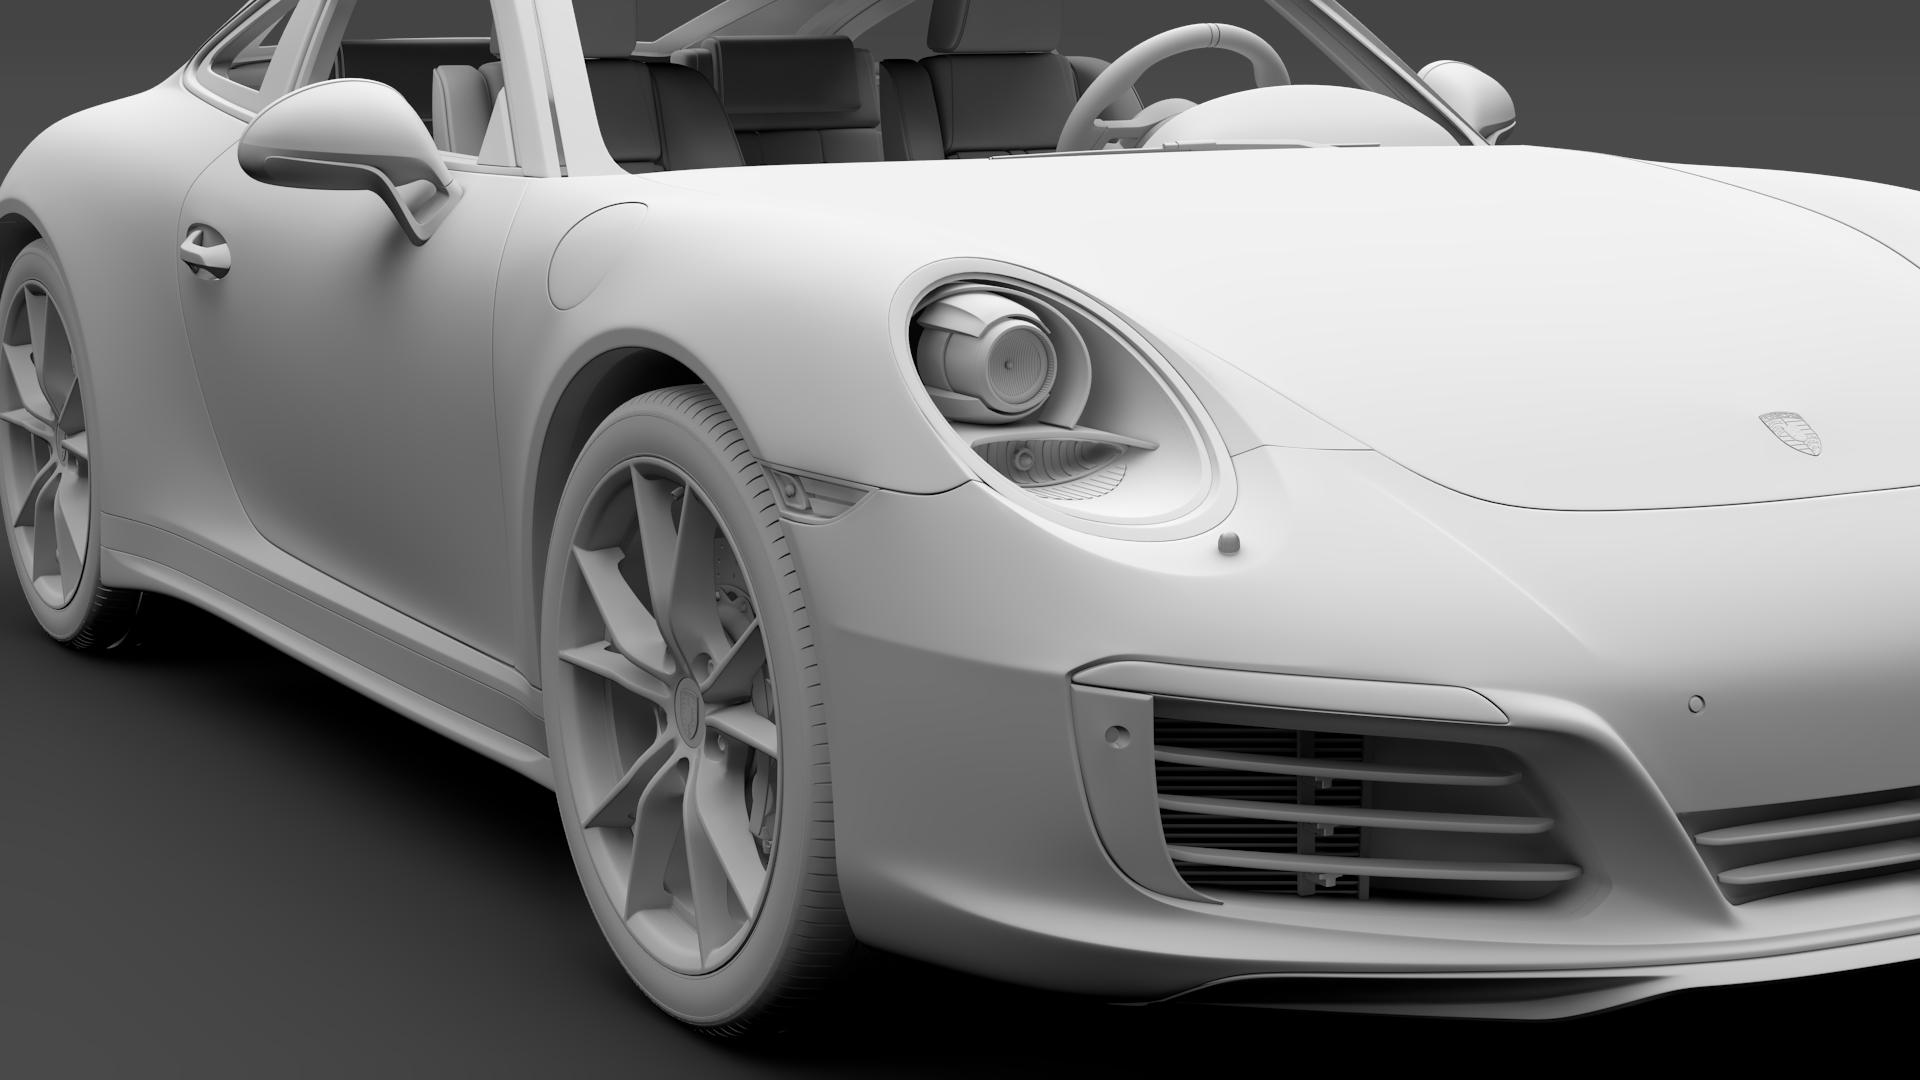 porsche 911 carrera t coupe (991) 2018 3d model max fbx c4d lwo ma mb hrc xsi obj 278973